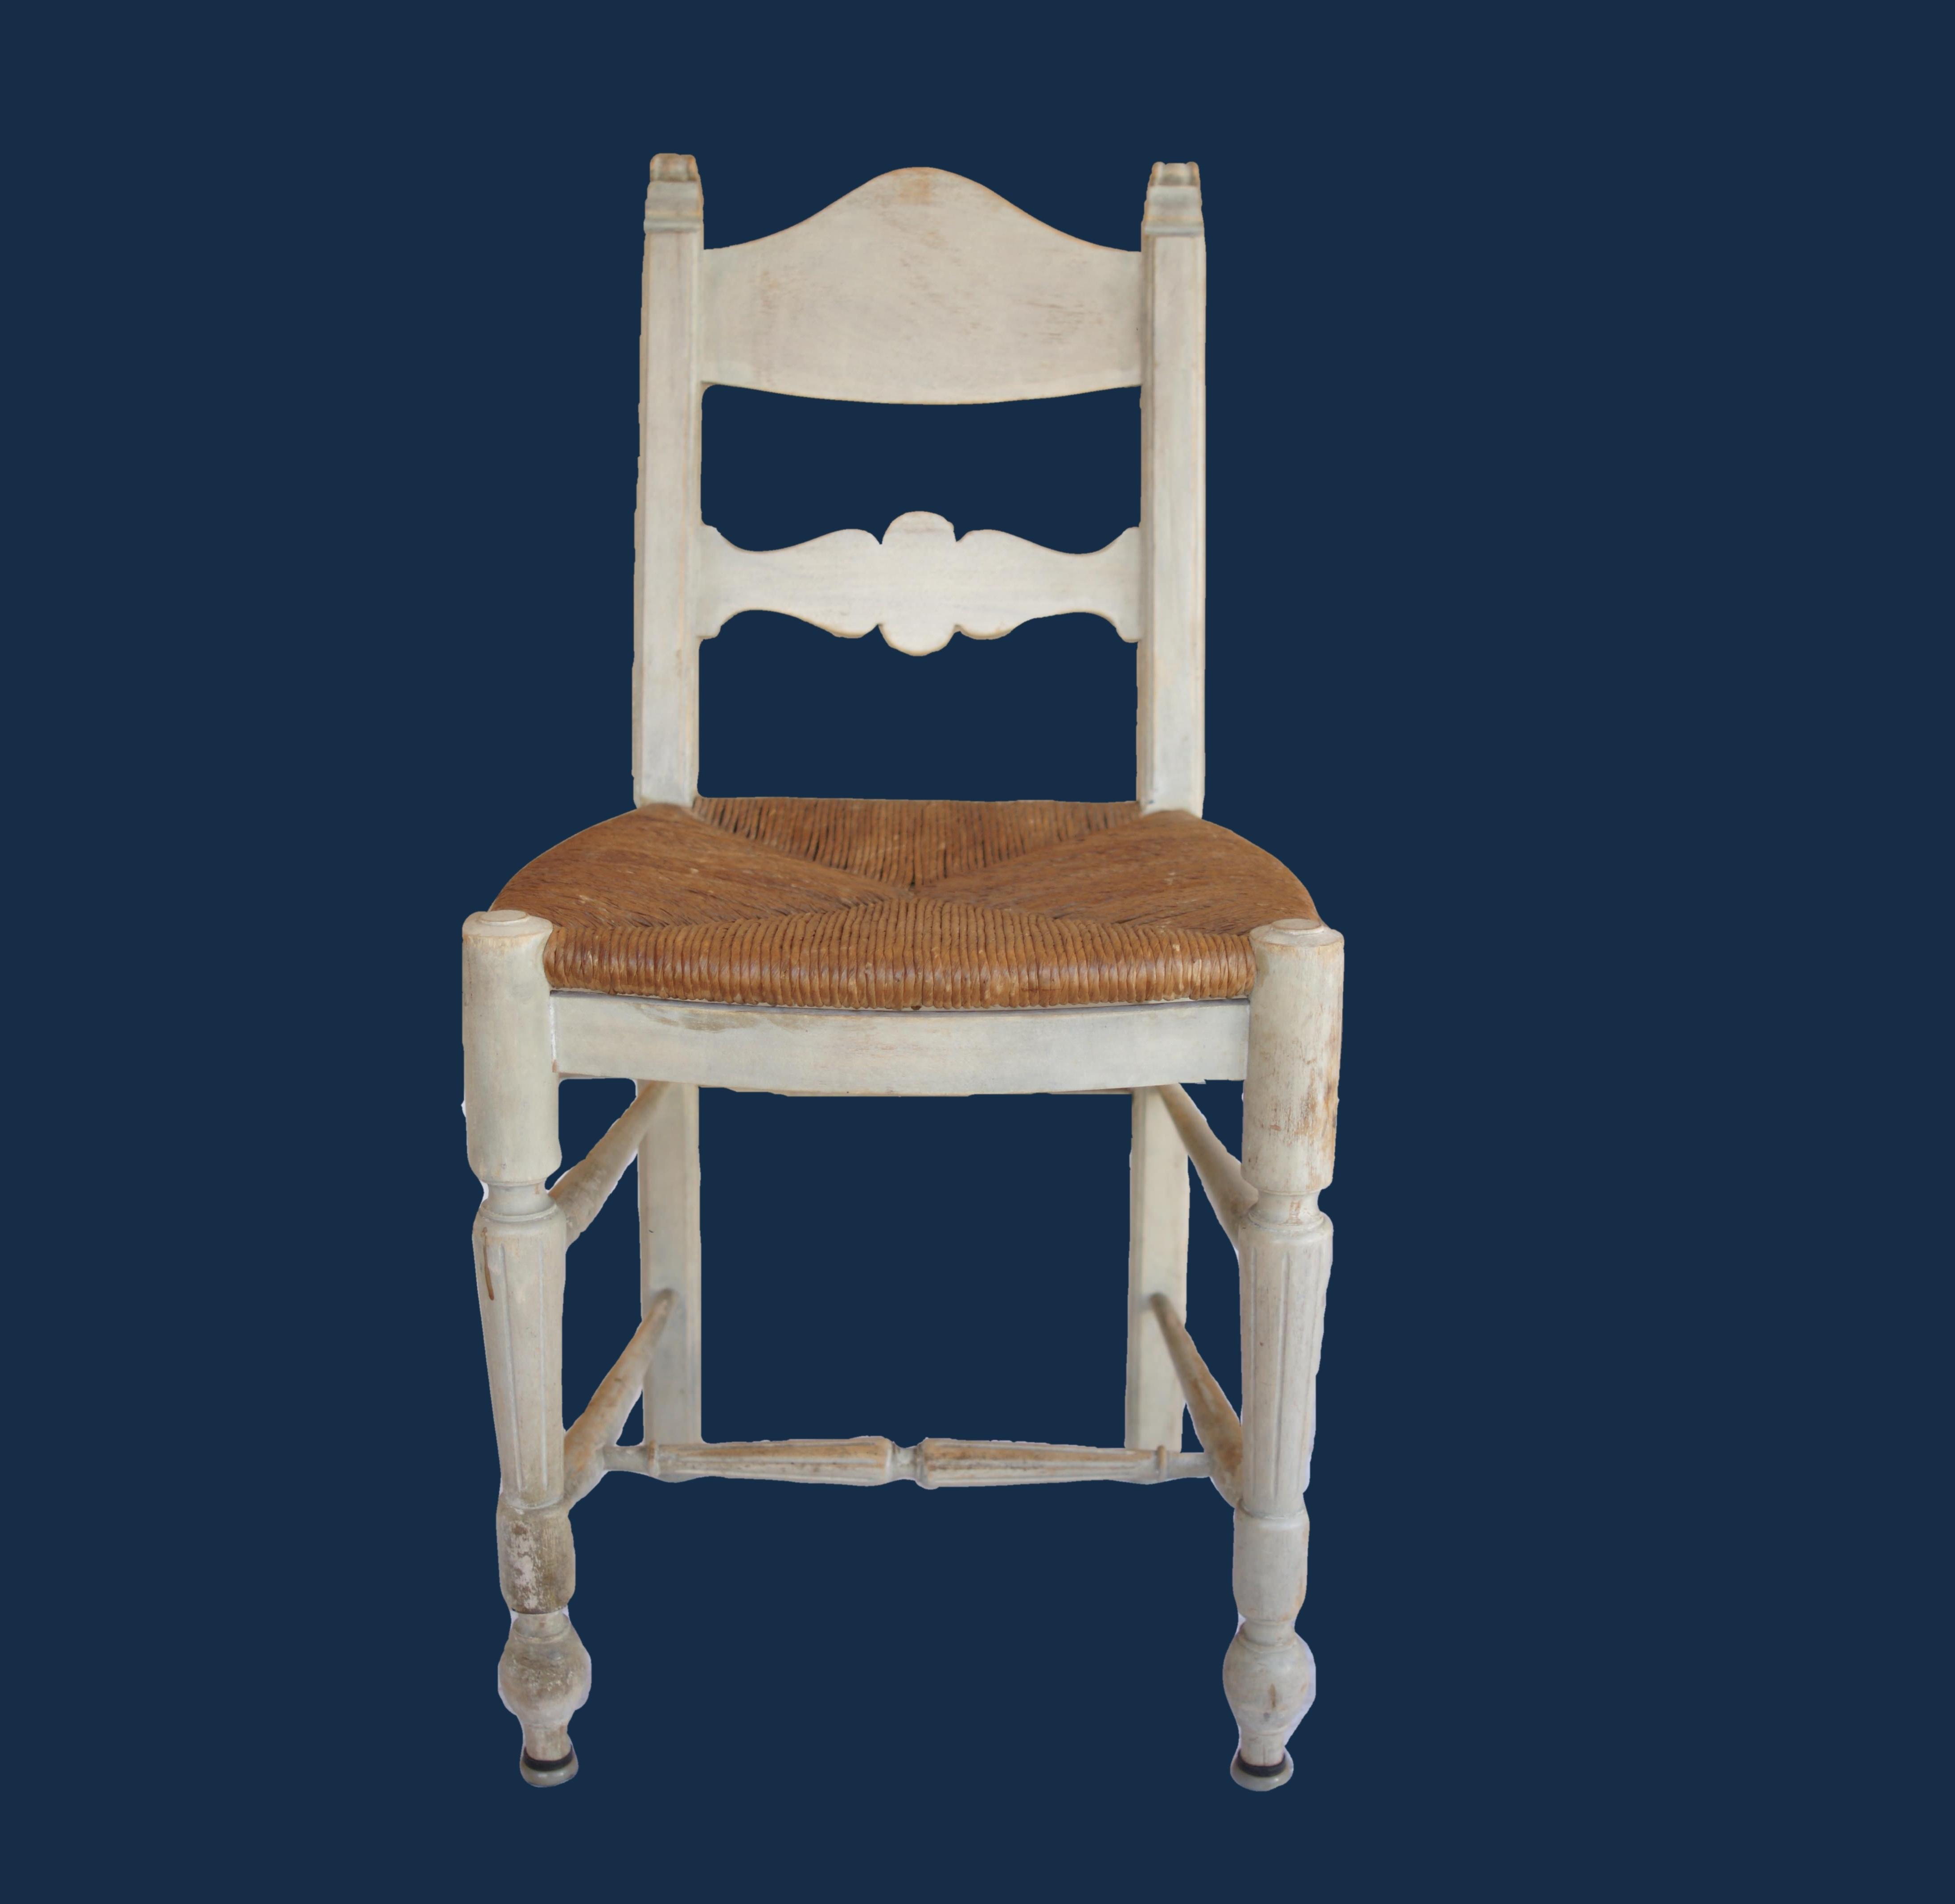 3 Rush Chairs - 3